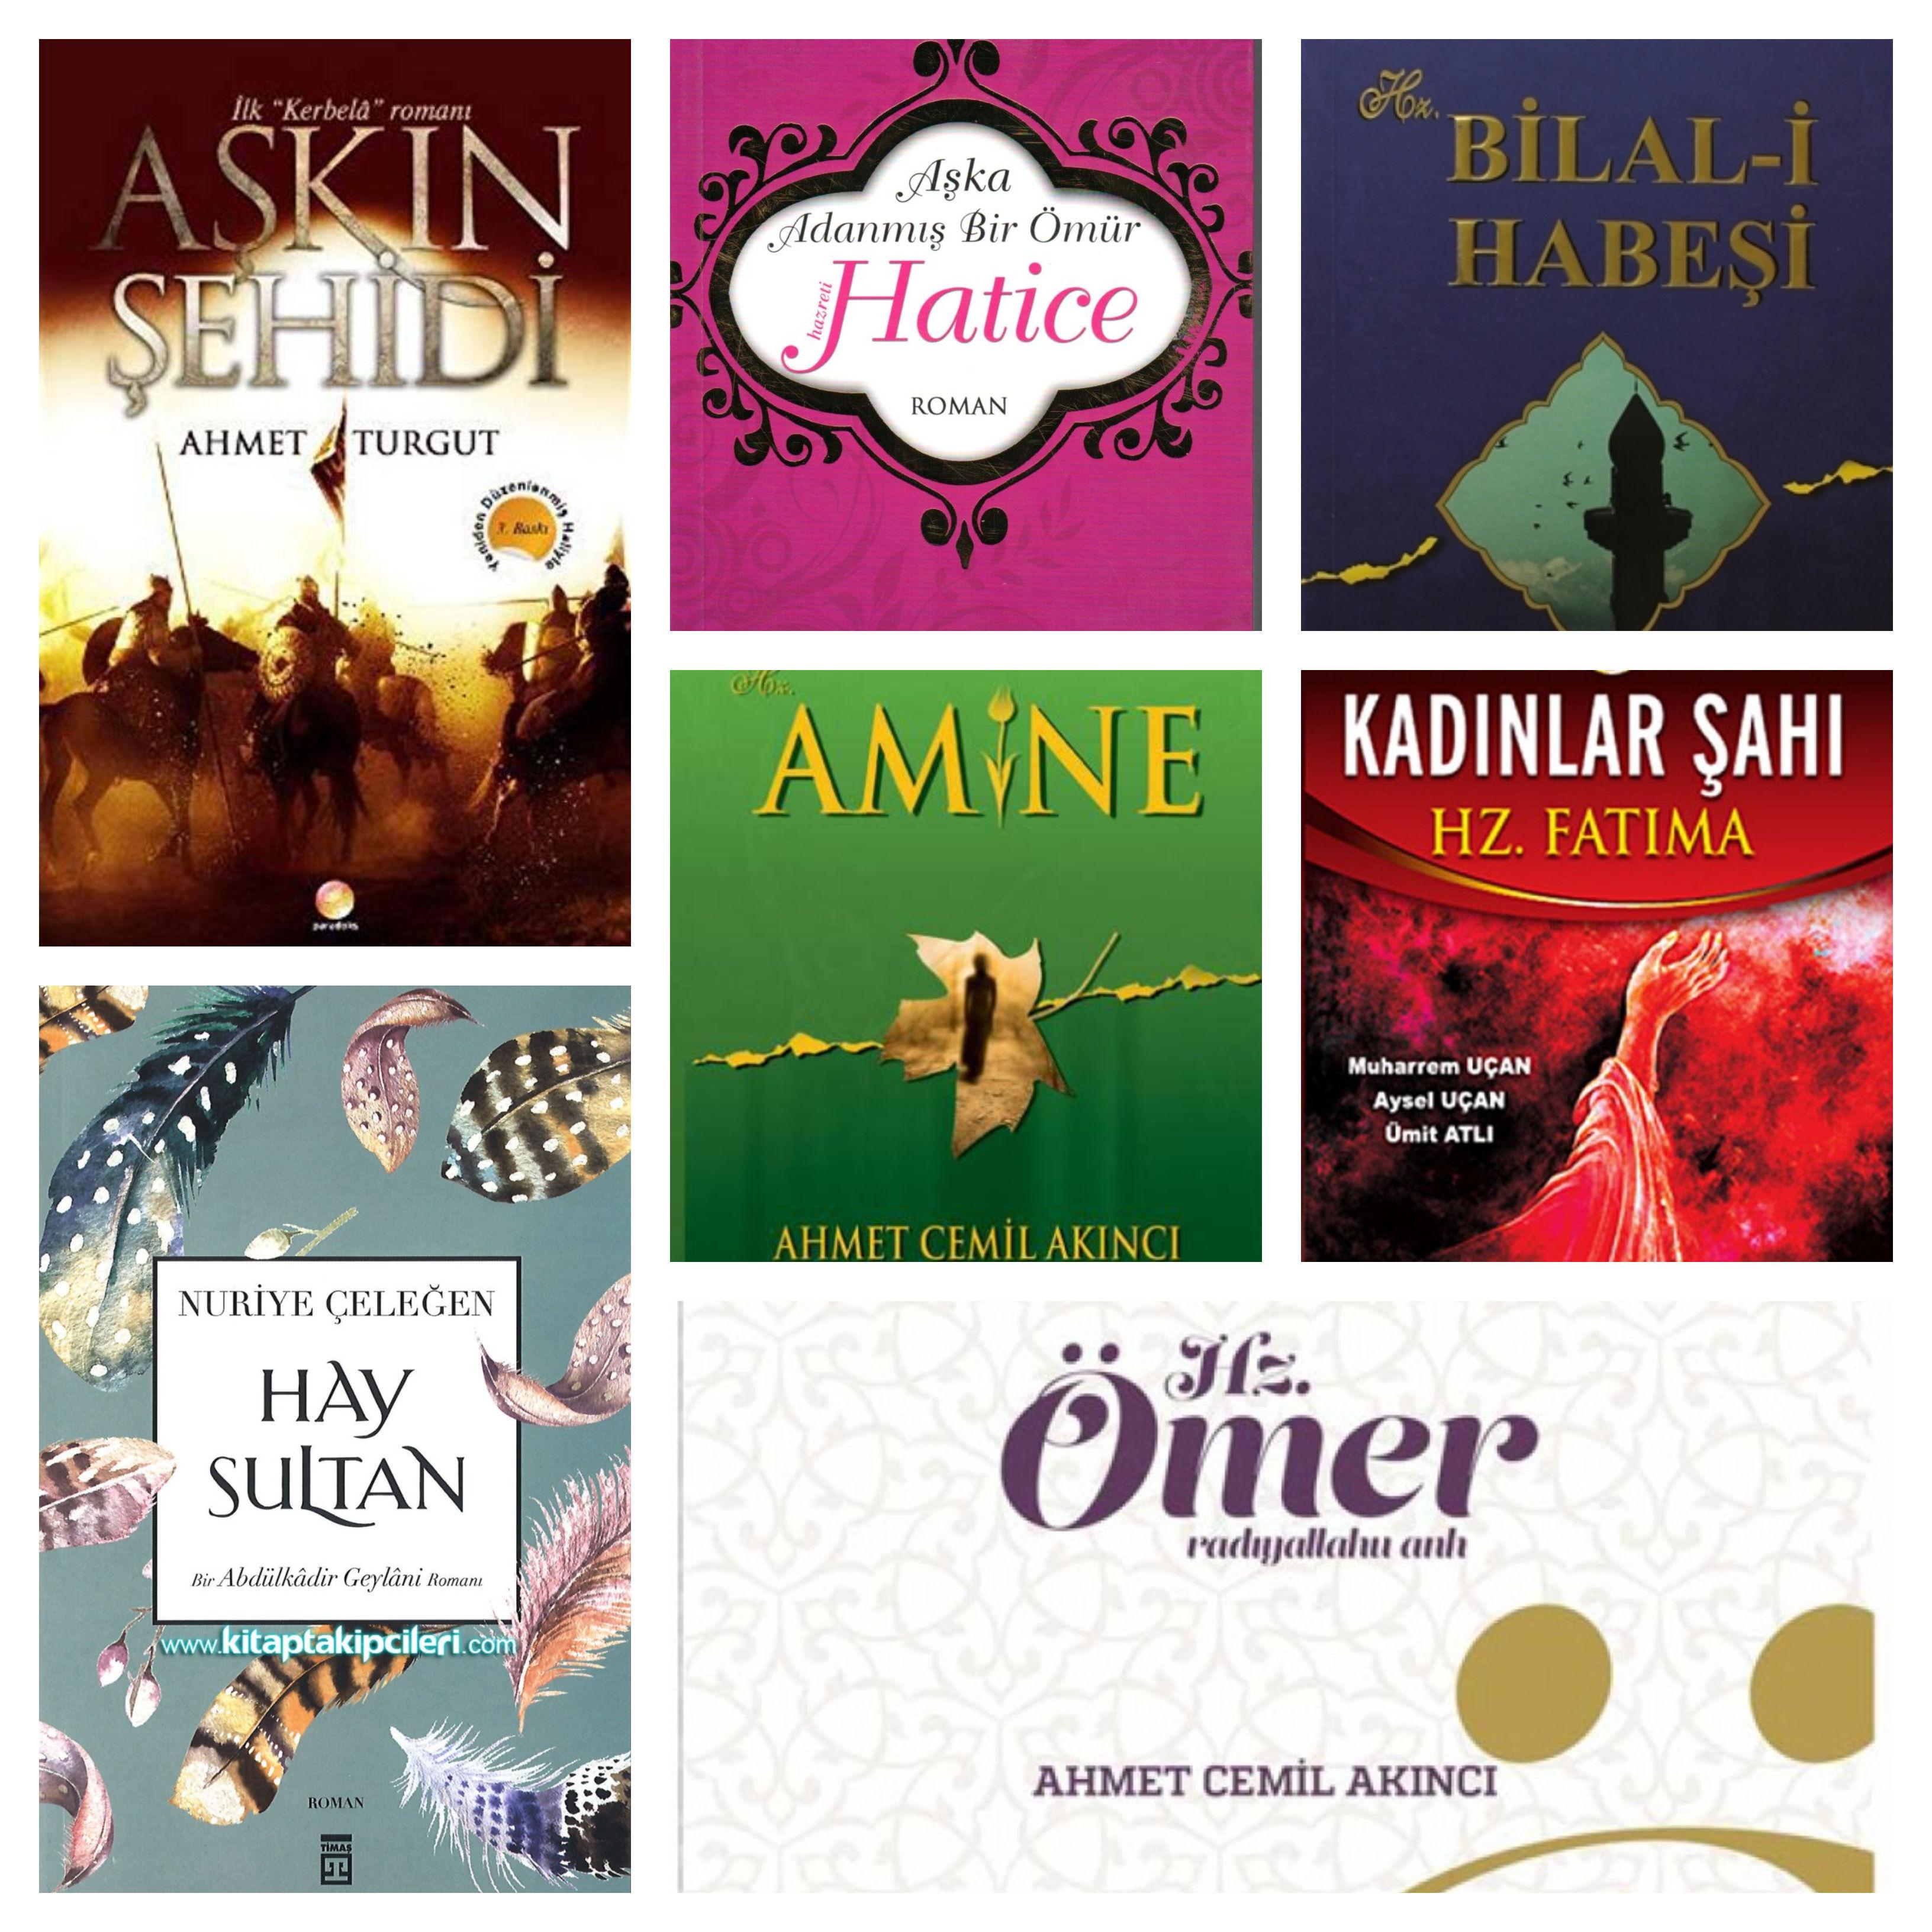 haz, ebubekir, ömer, osman, ali, fatıma, veysel karani, biyografi, roman